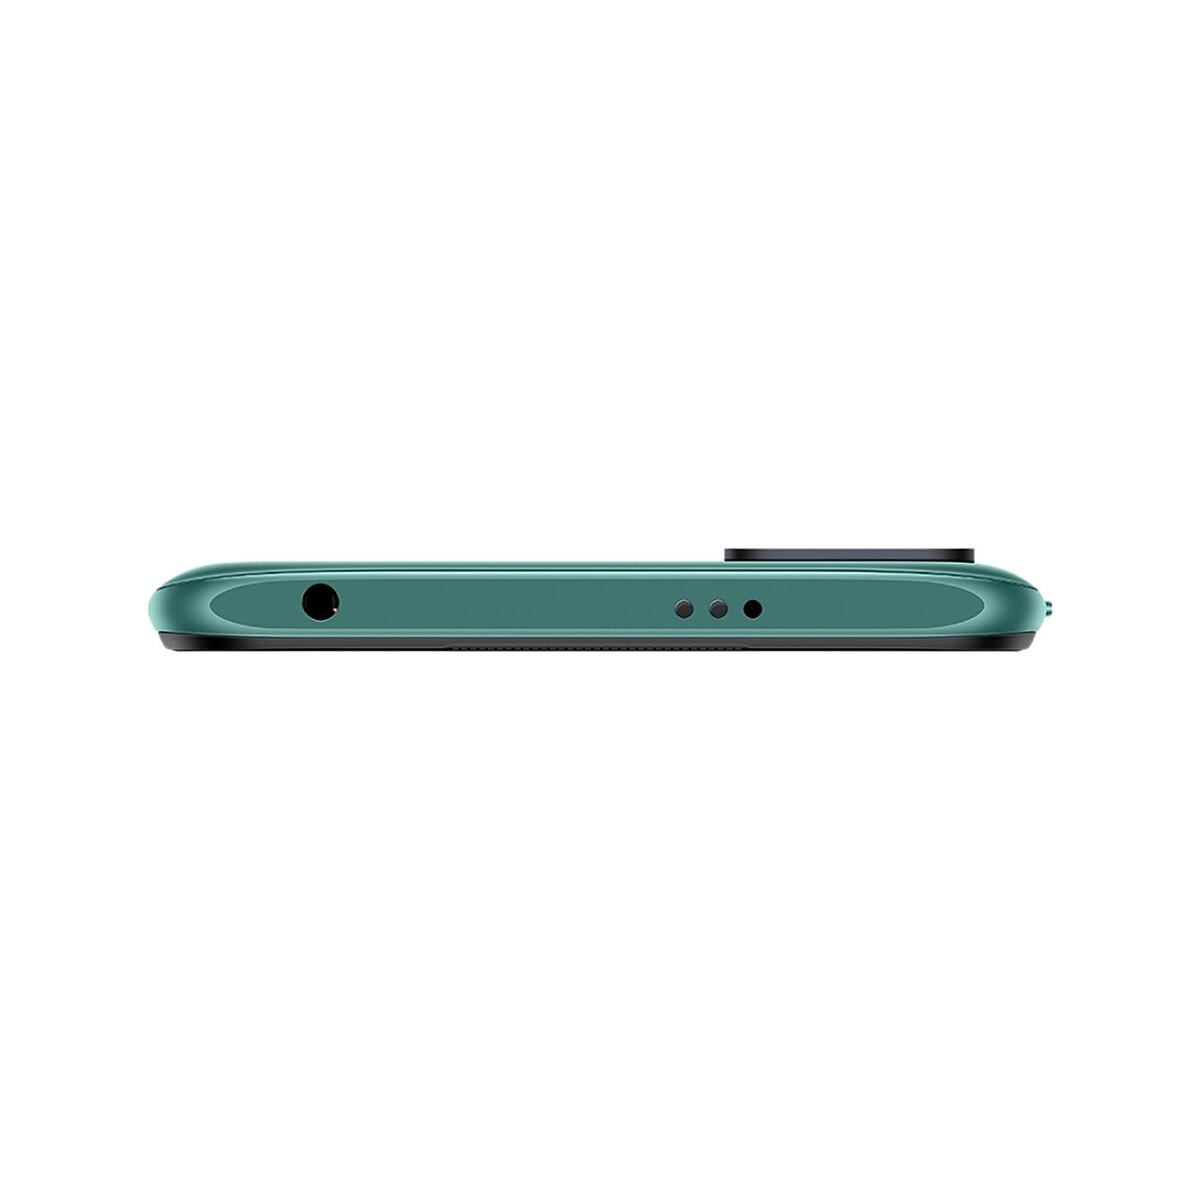 Xiaomi Redmi Note 10 5G Smartphone Dual SIM Aurora Green 4GB RAM 64GB LTE